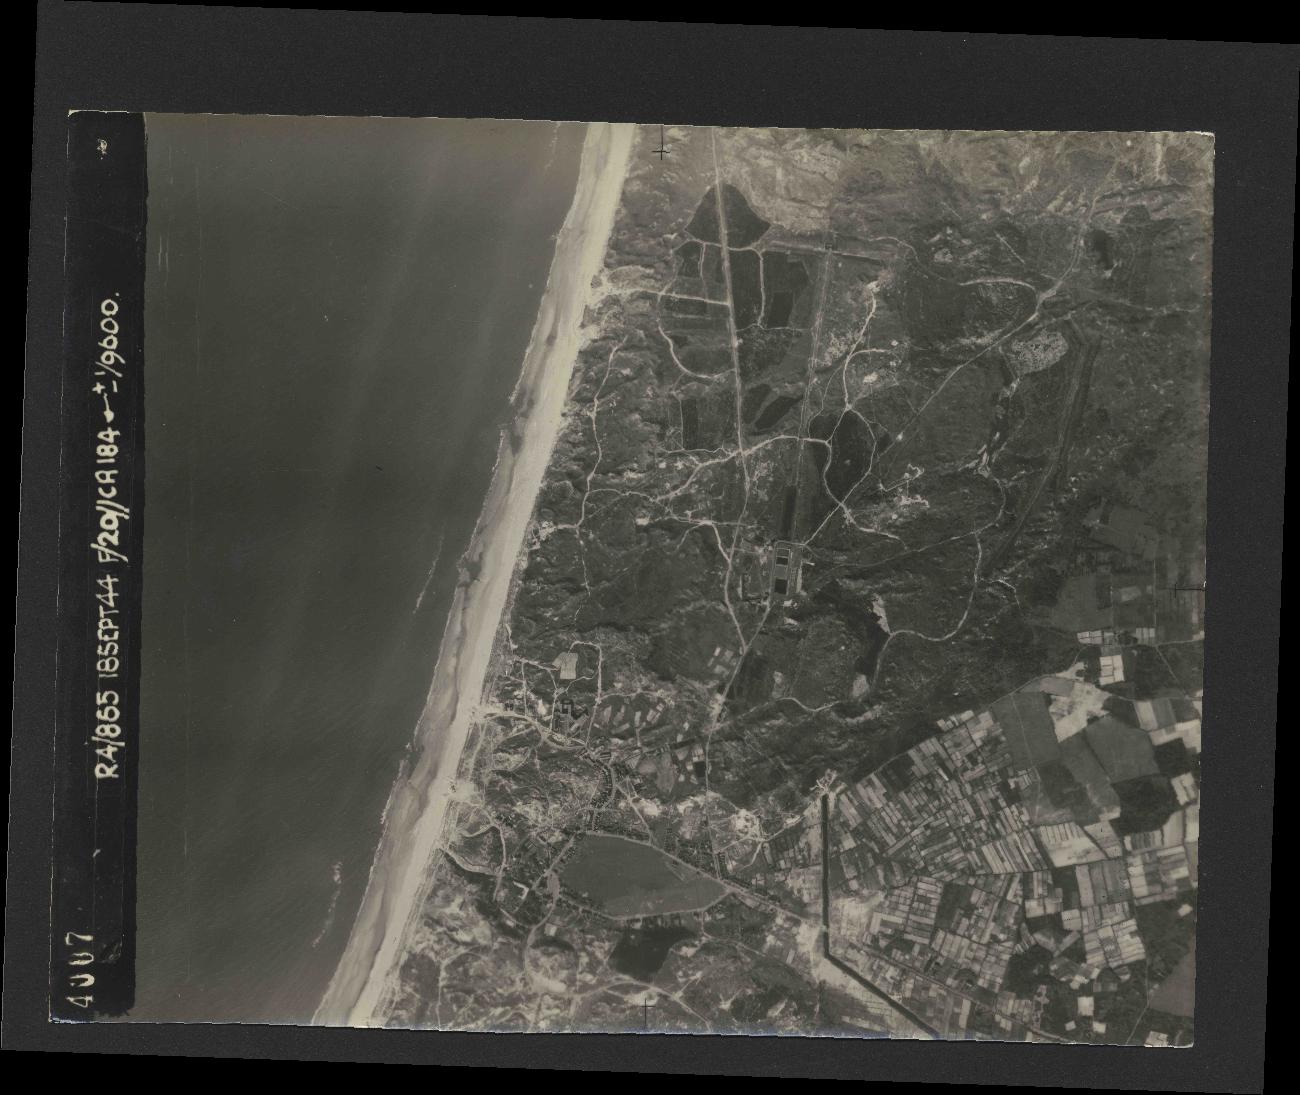 Collection RAF aerial photos 1940-1945 - flight 280, run 01, photo 4007